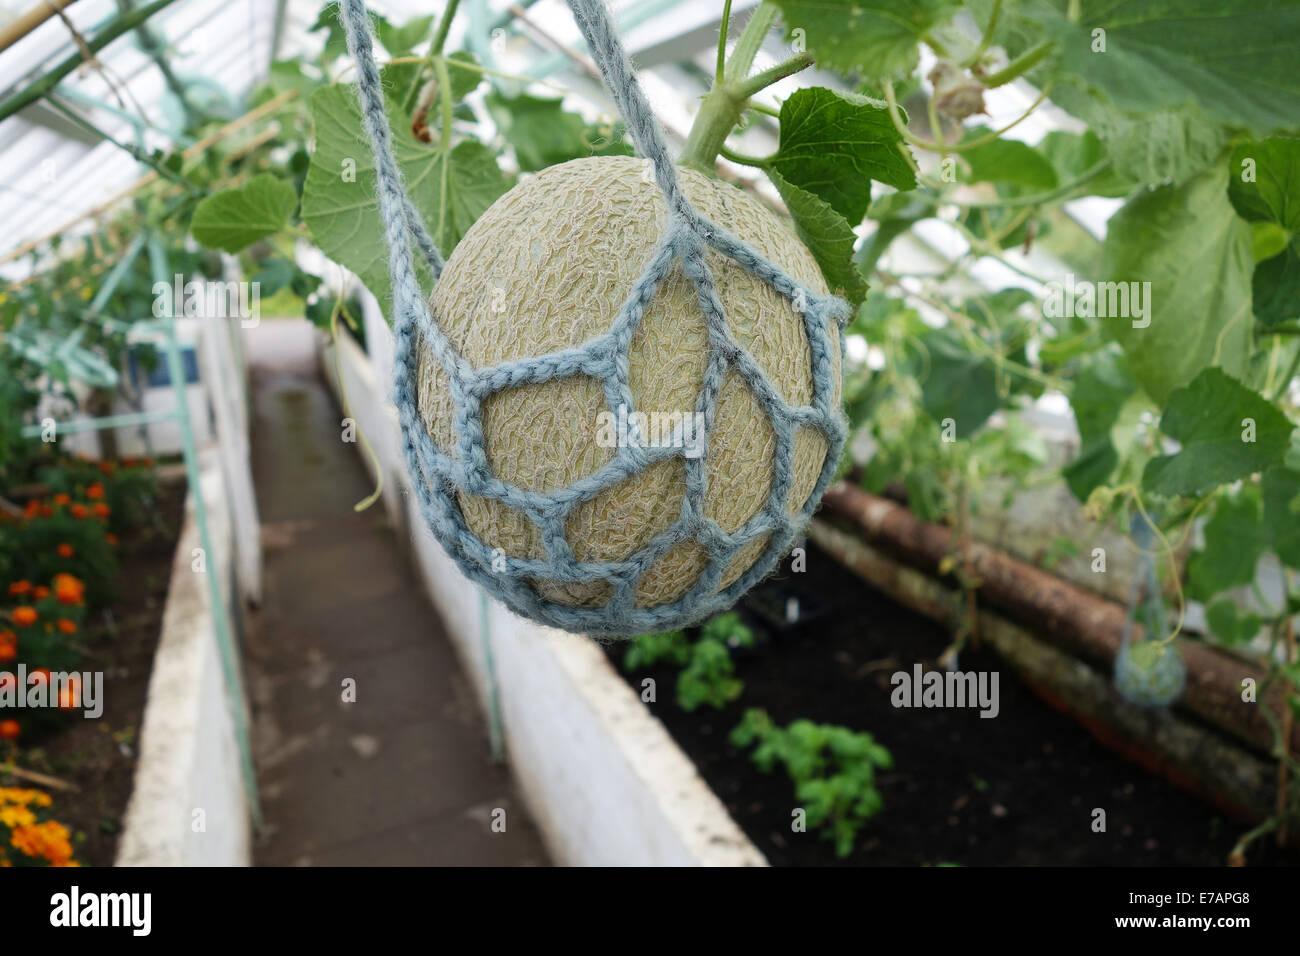 Les melons melon cultivés en serre de plus en plus avec l'aide de filets net Uk Photo Stock